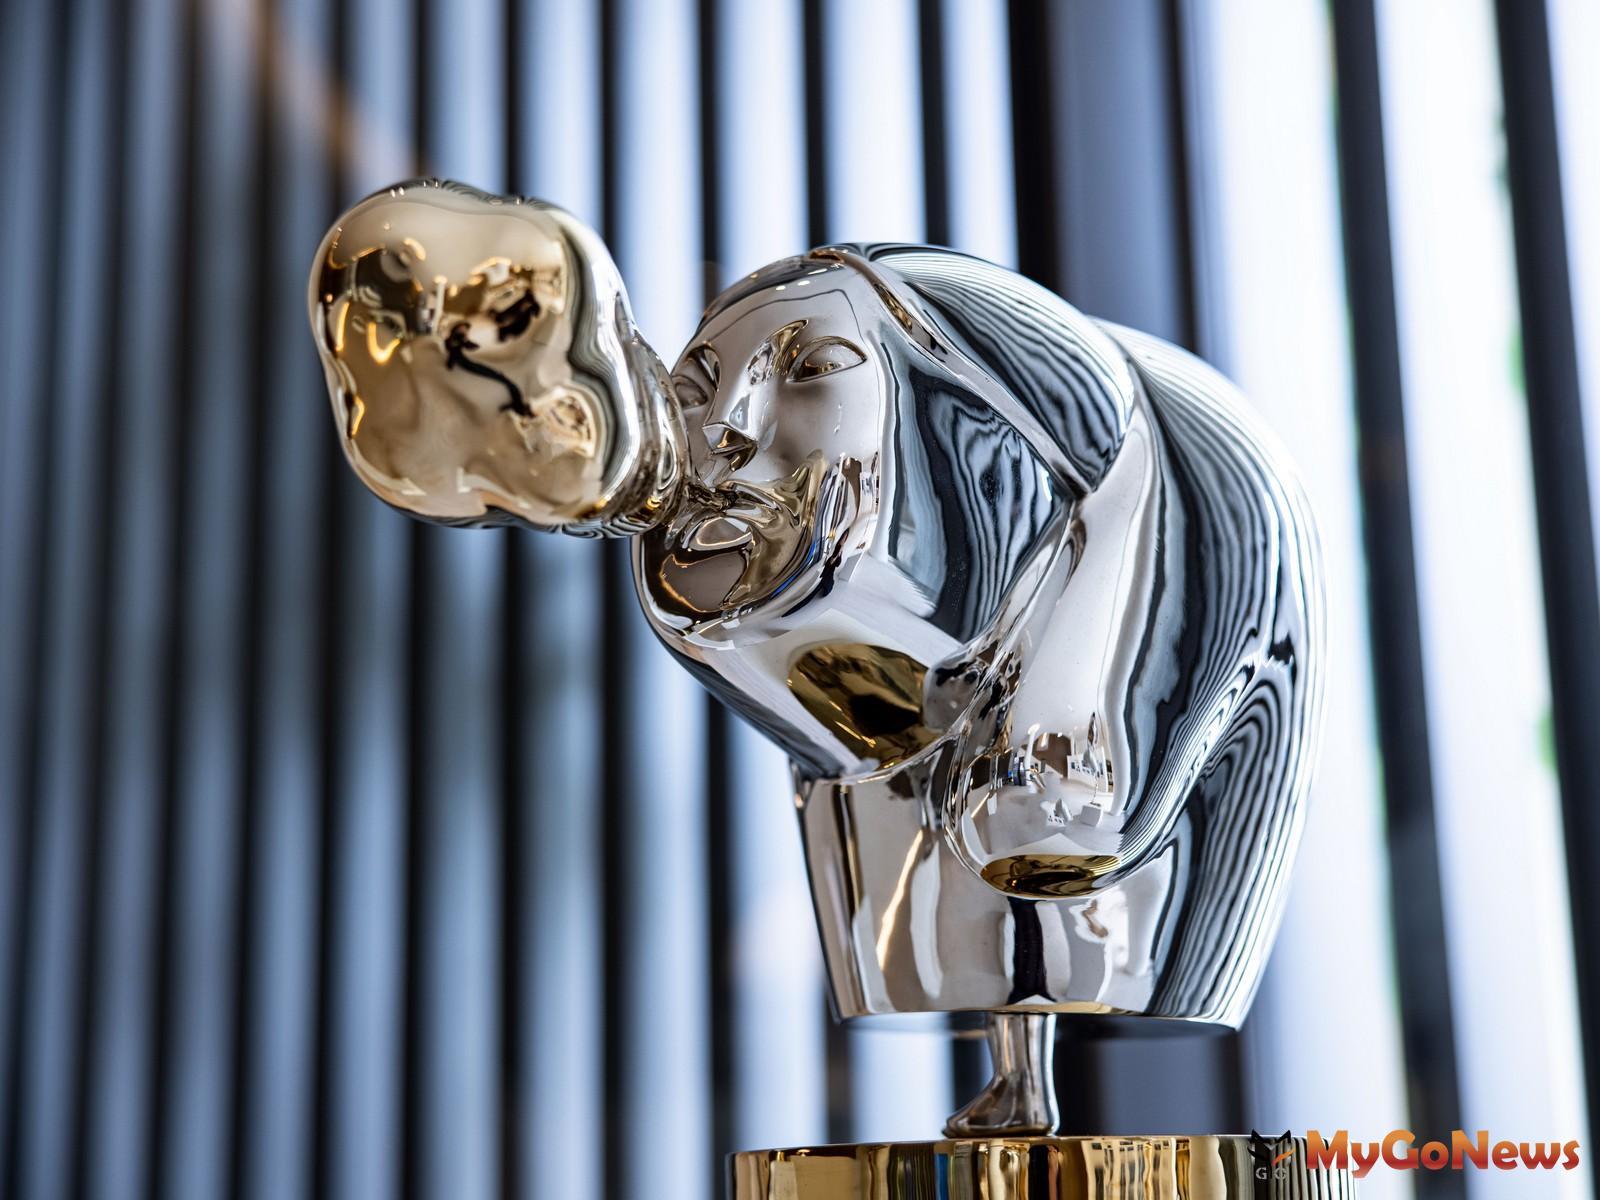 橫跨插畫、雕塑以及公共藝術的全方位台灣藝術家崔永嬿, 小雕像作品 給人的一種可愛感(圖/業者提供) MyGoNews房地產新聞 熱銷推案